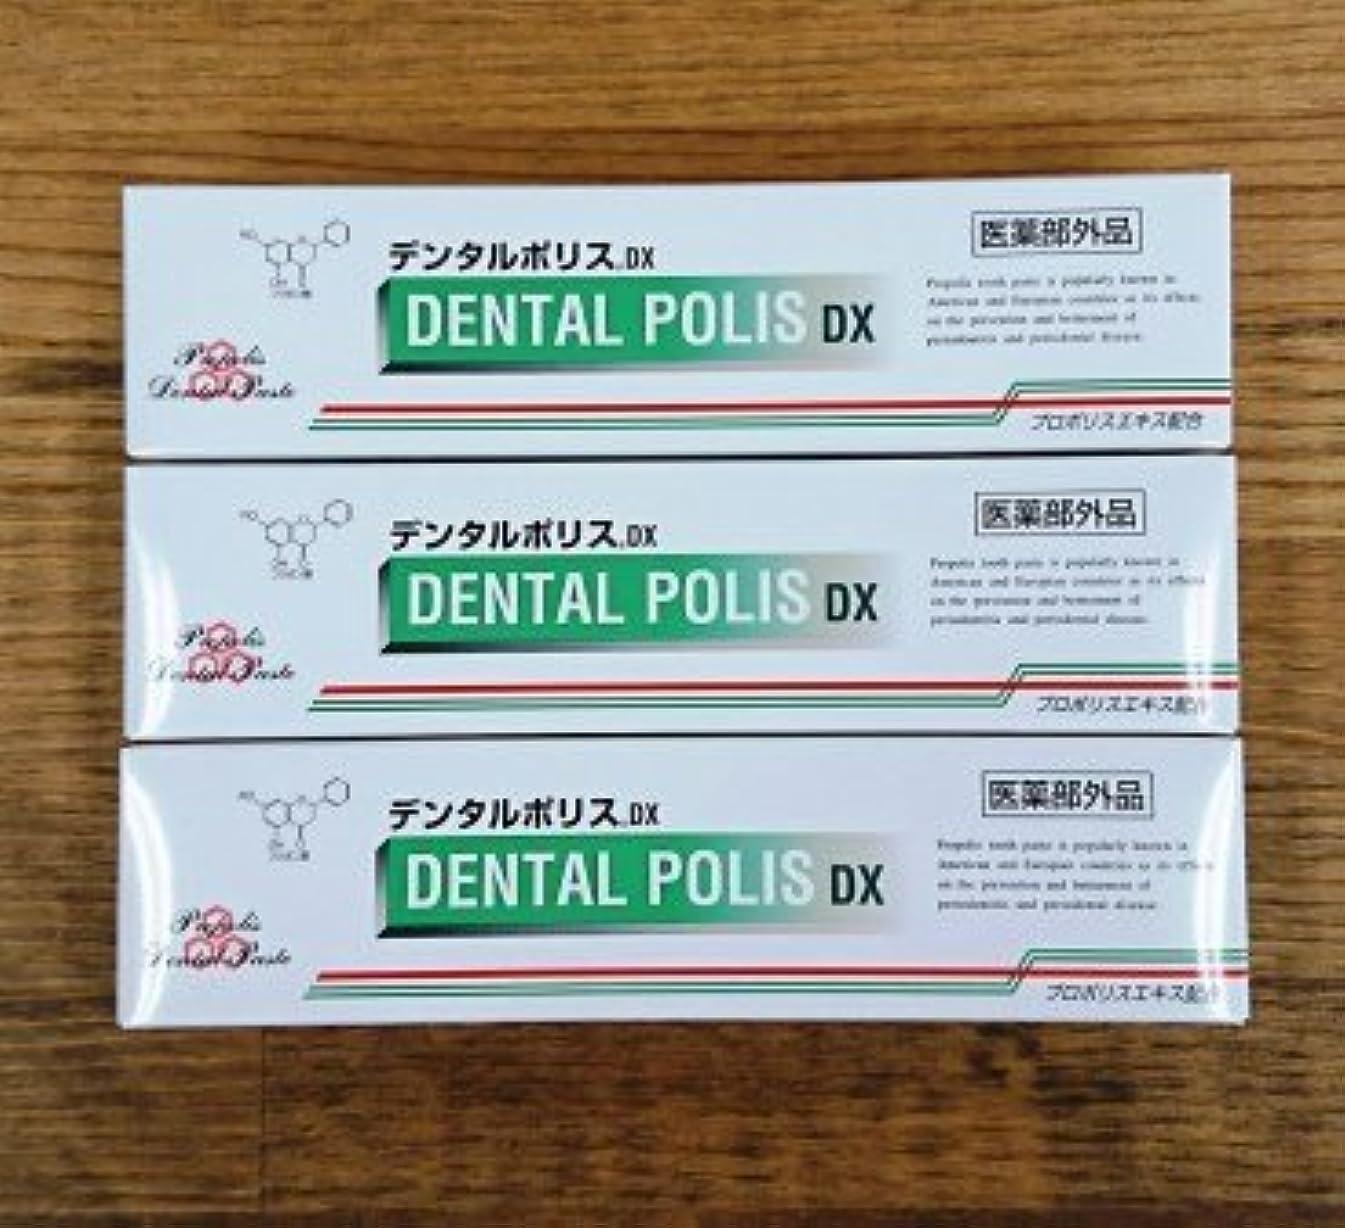 バッテリー生物学スプレーデンタルポリスDX80g×3本セット 医薬部外品  歯みがき